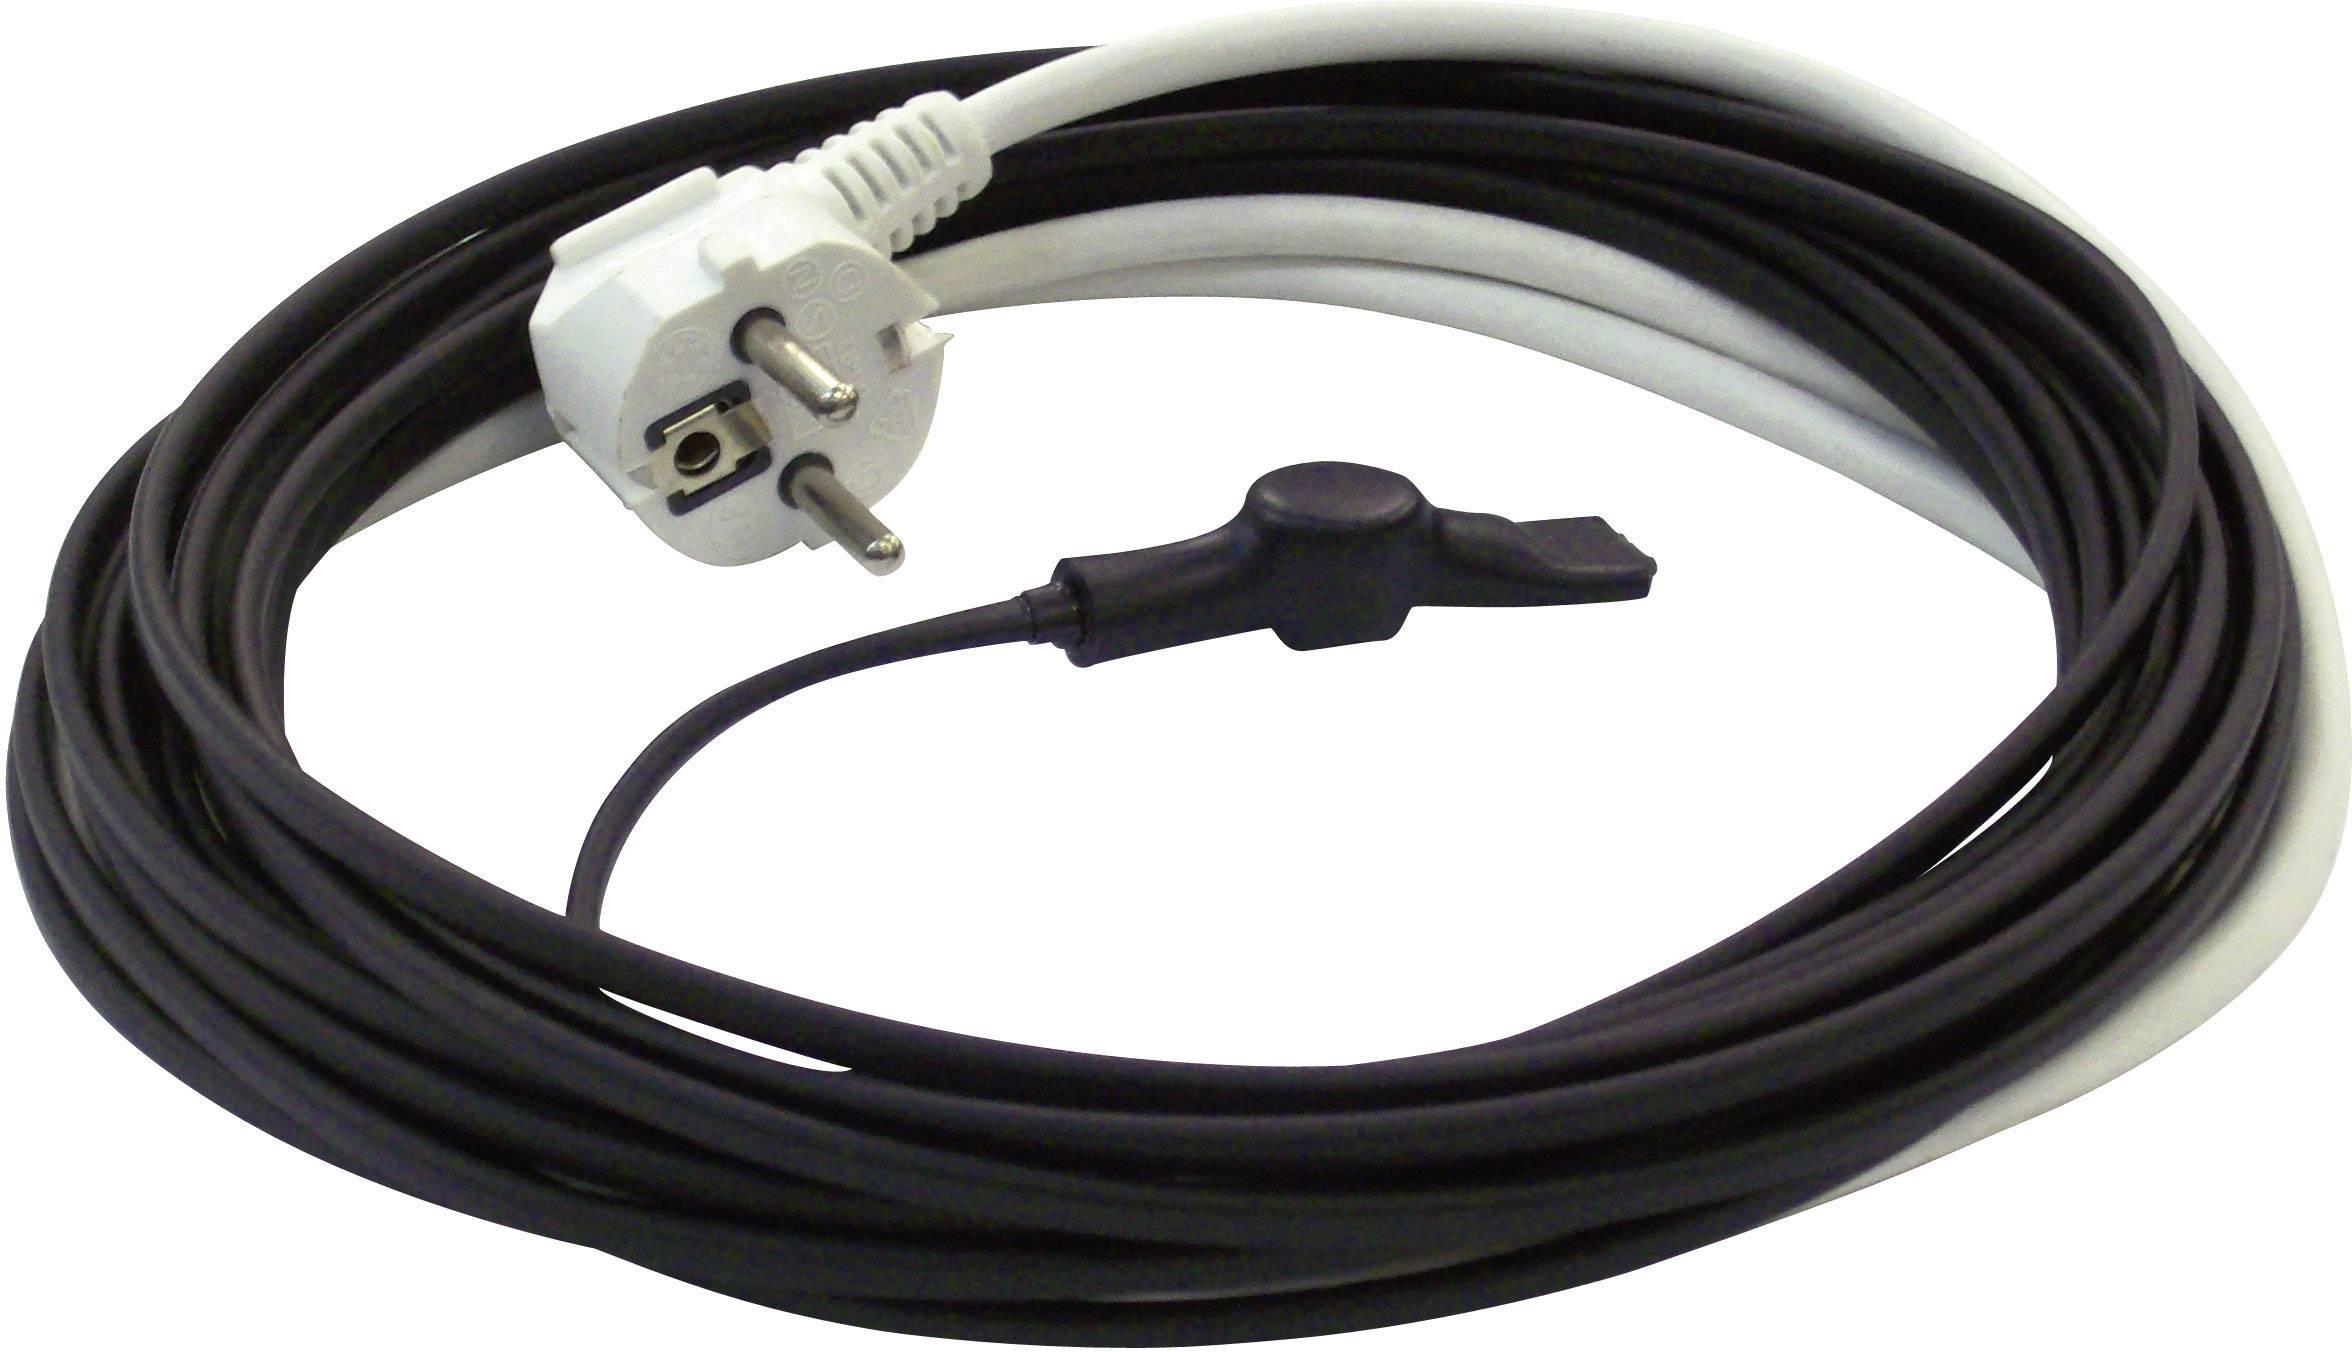 Vykurovací kábel s ochranným termostatem Arnold Rak HK-5,0-F, 75 W, 5 m